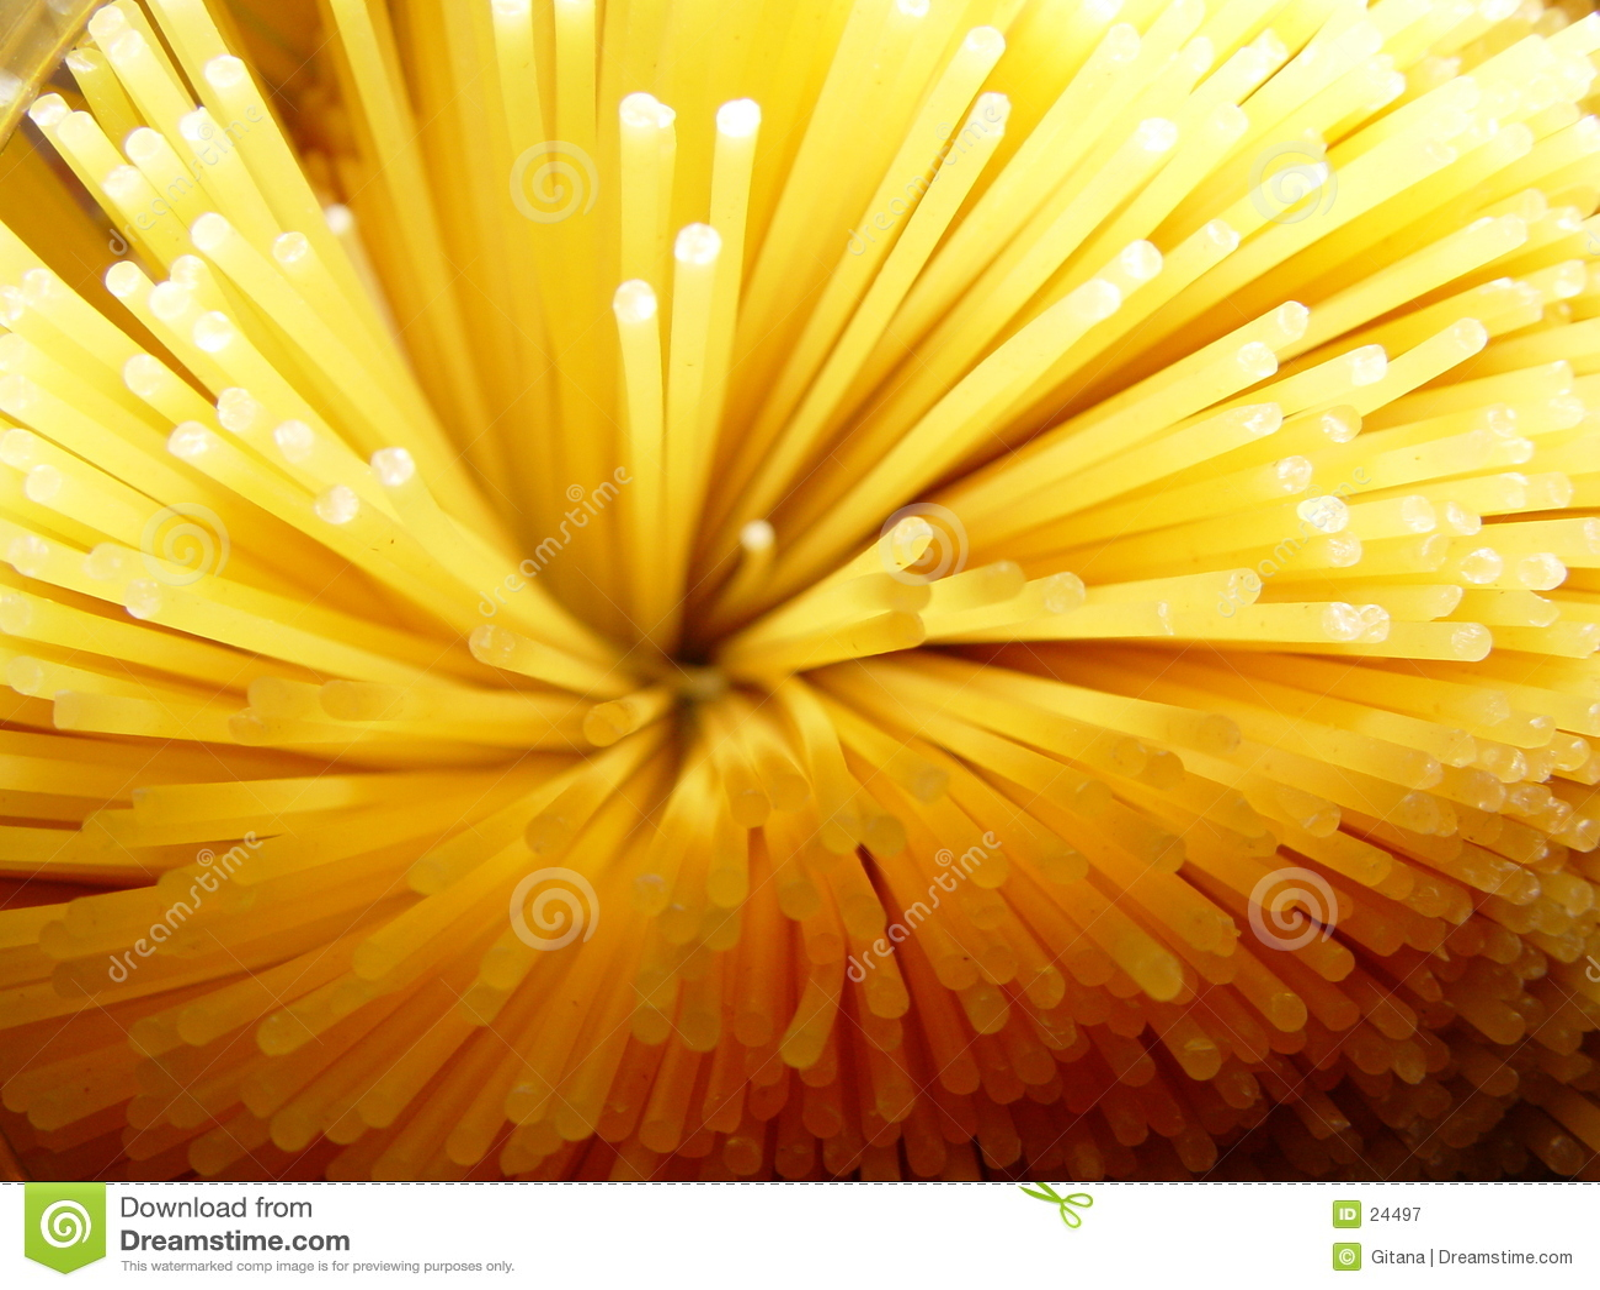 Detalles del espagueti